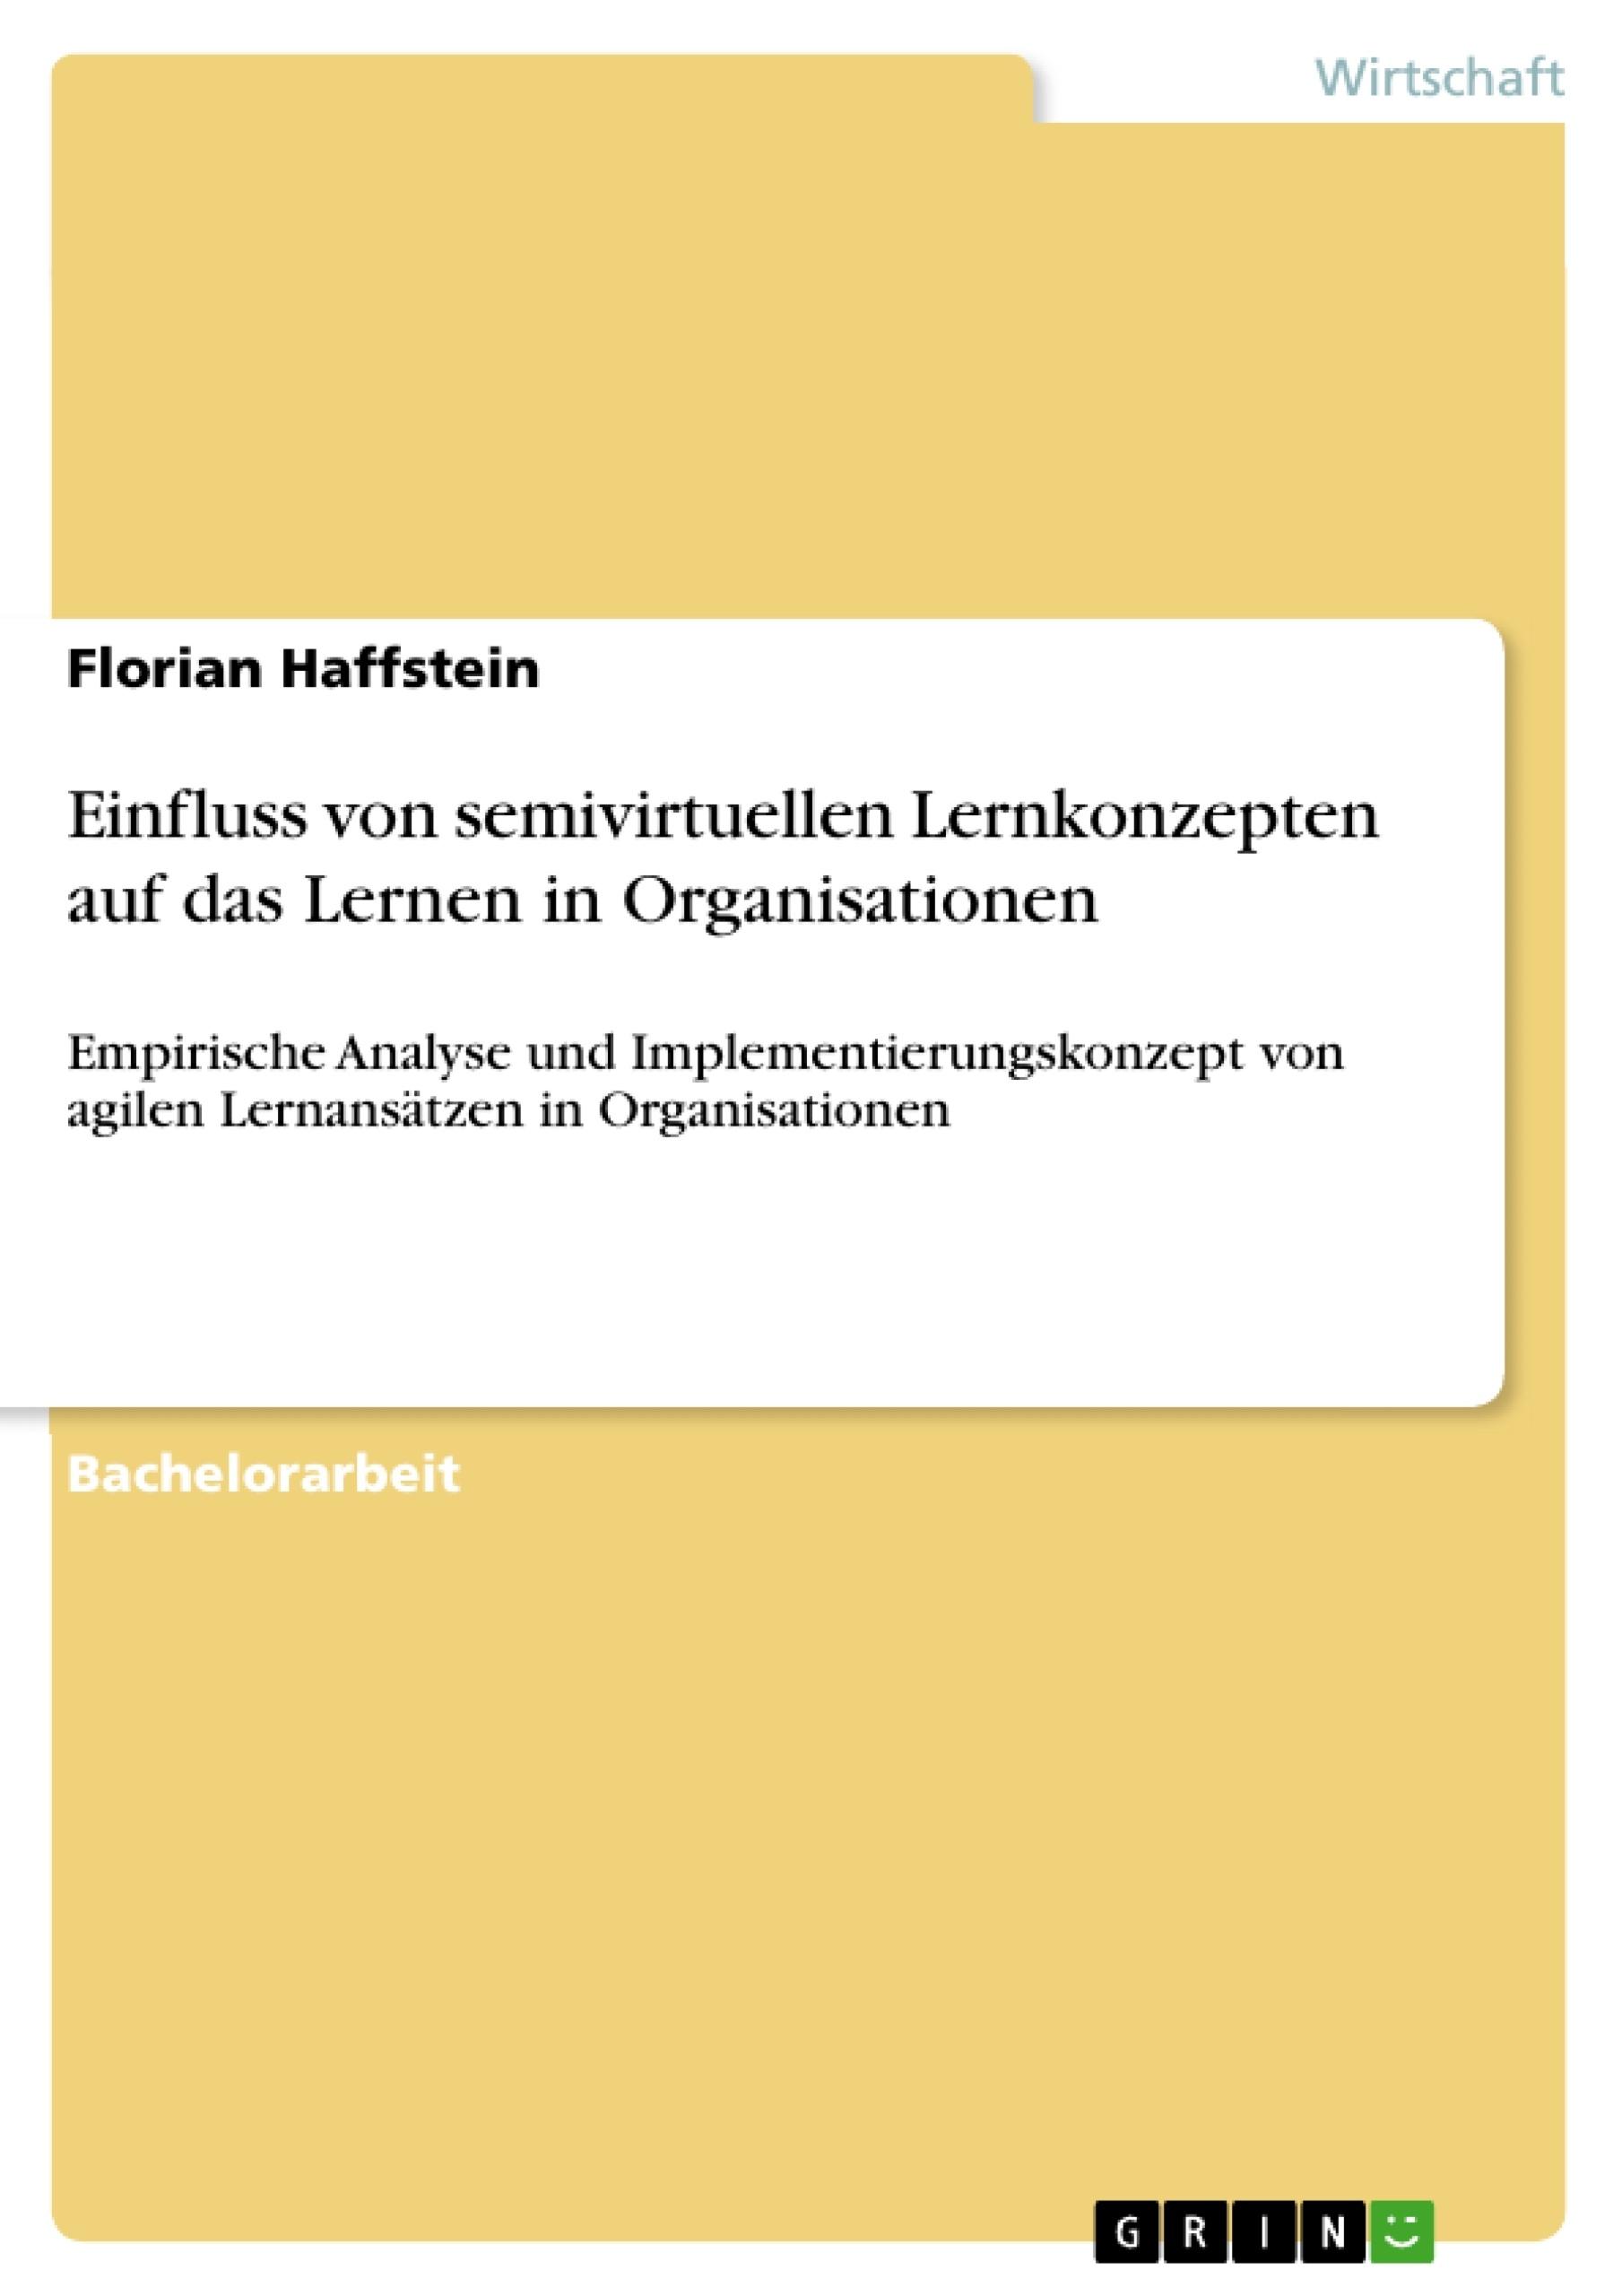 Titel: Einfluss von semivirtuellen Lernkonzepten auf das Lernen in Organisationen